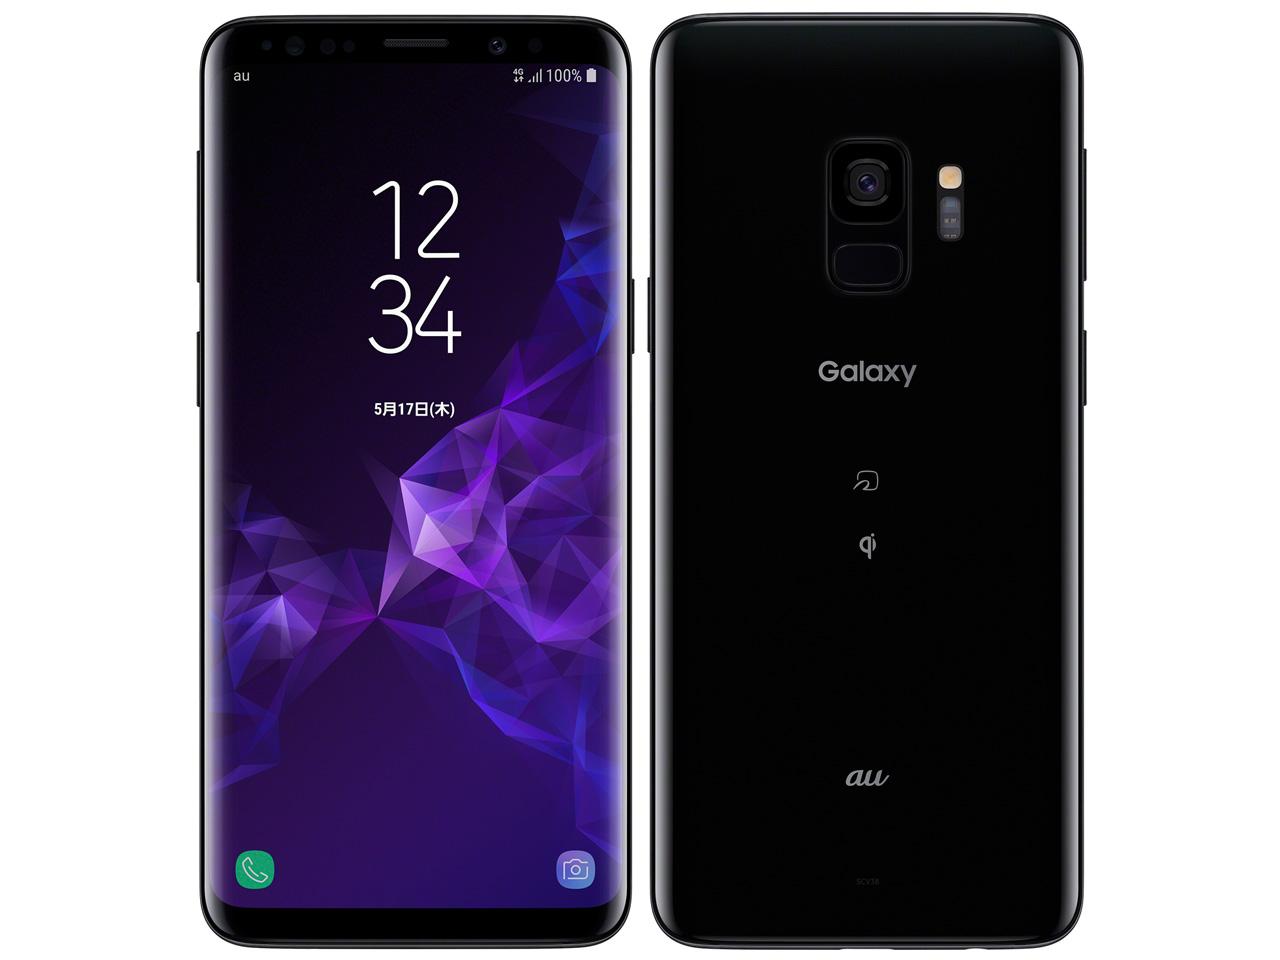 Galaxy S9 SCV38 au [ミッドナイト ブラック] の製品画像